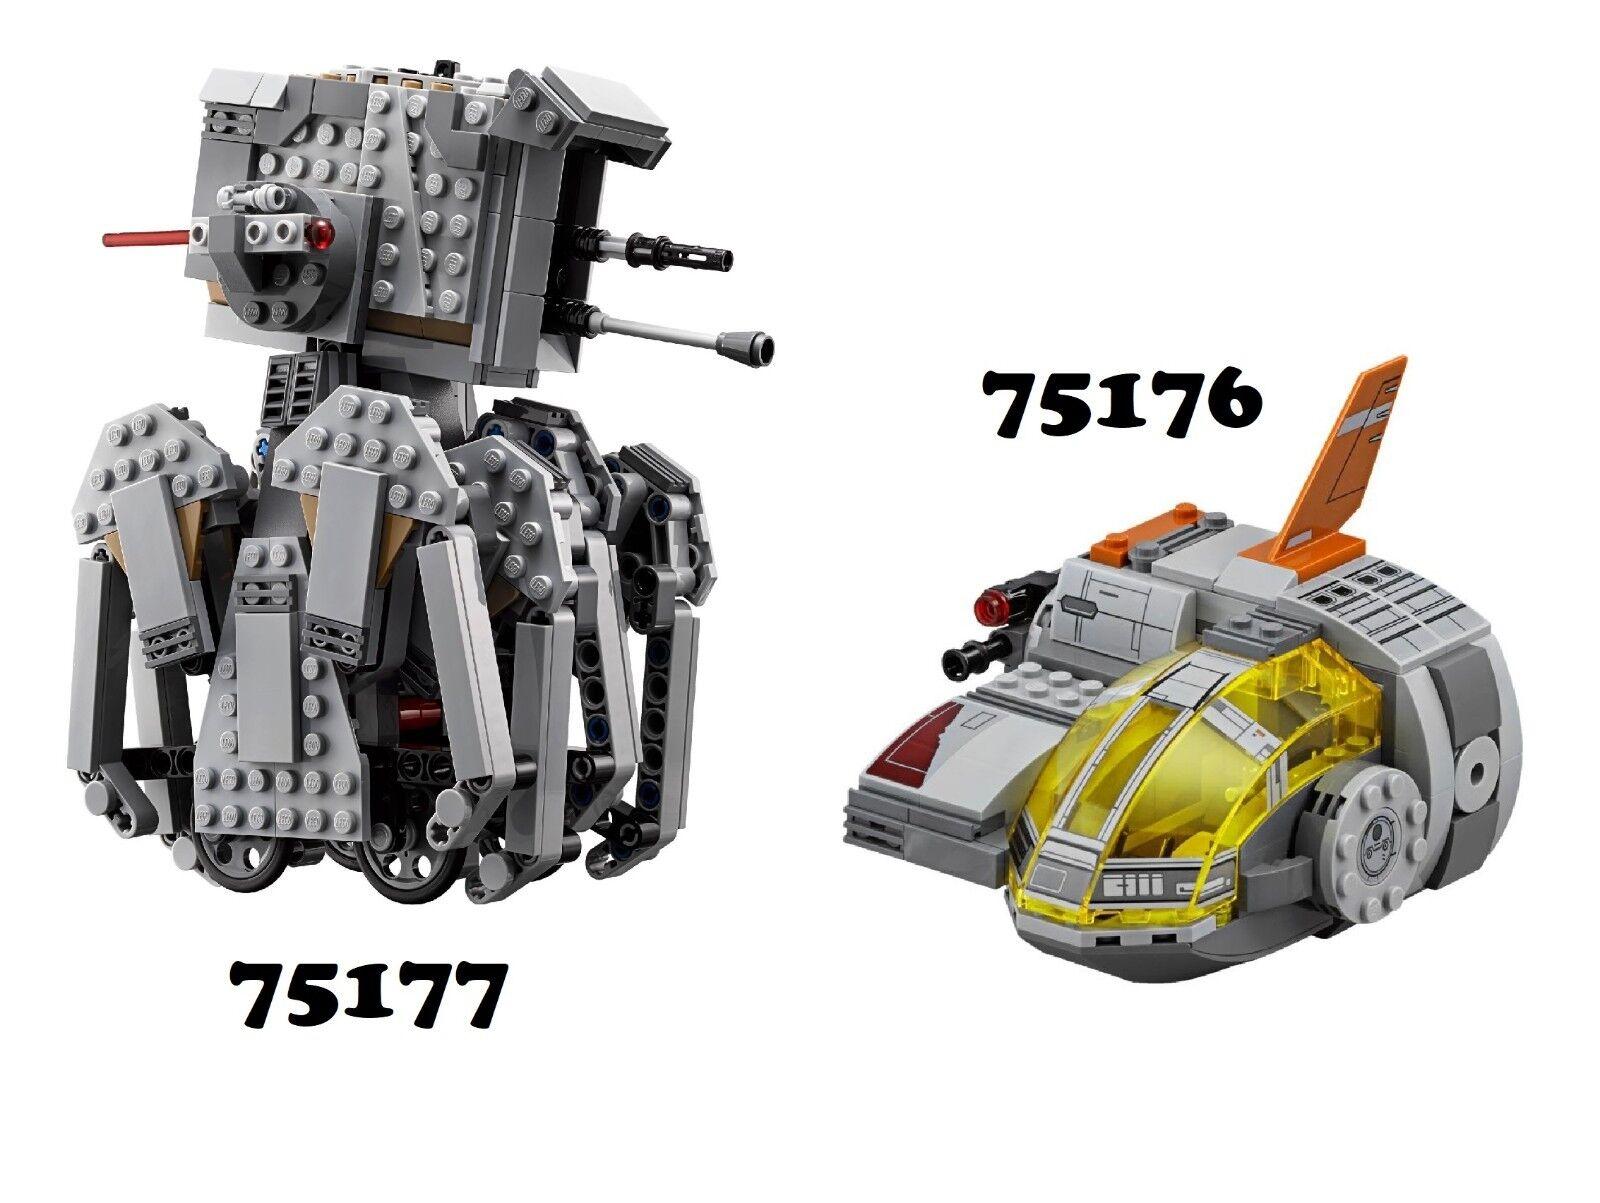 NUOVO  LEGO estrella guerras  75176 & 75177 Combo Set con ALT costruisce  NO MINIFIGS  promozioni